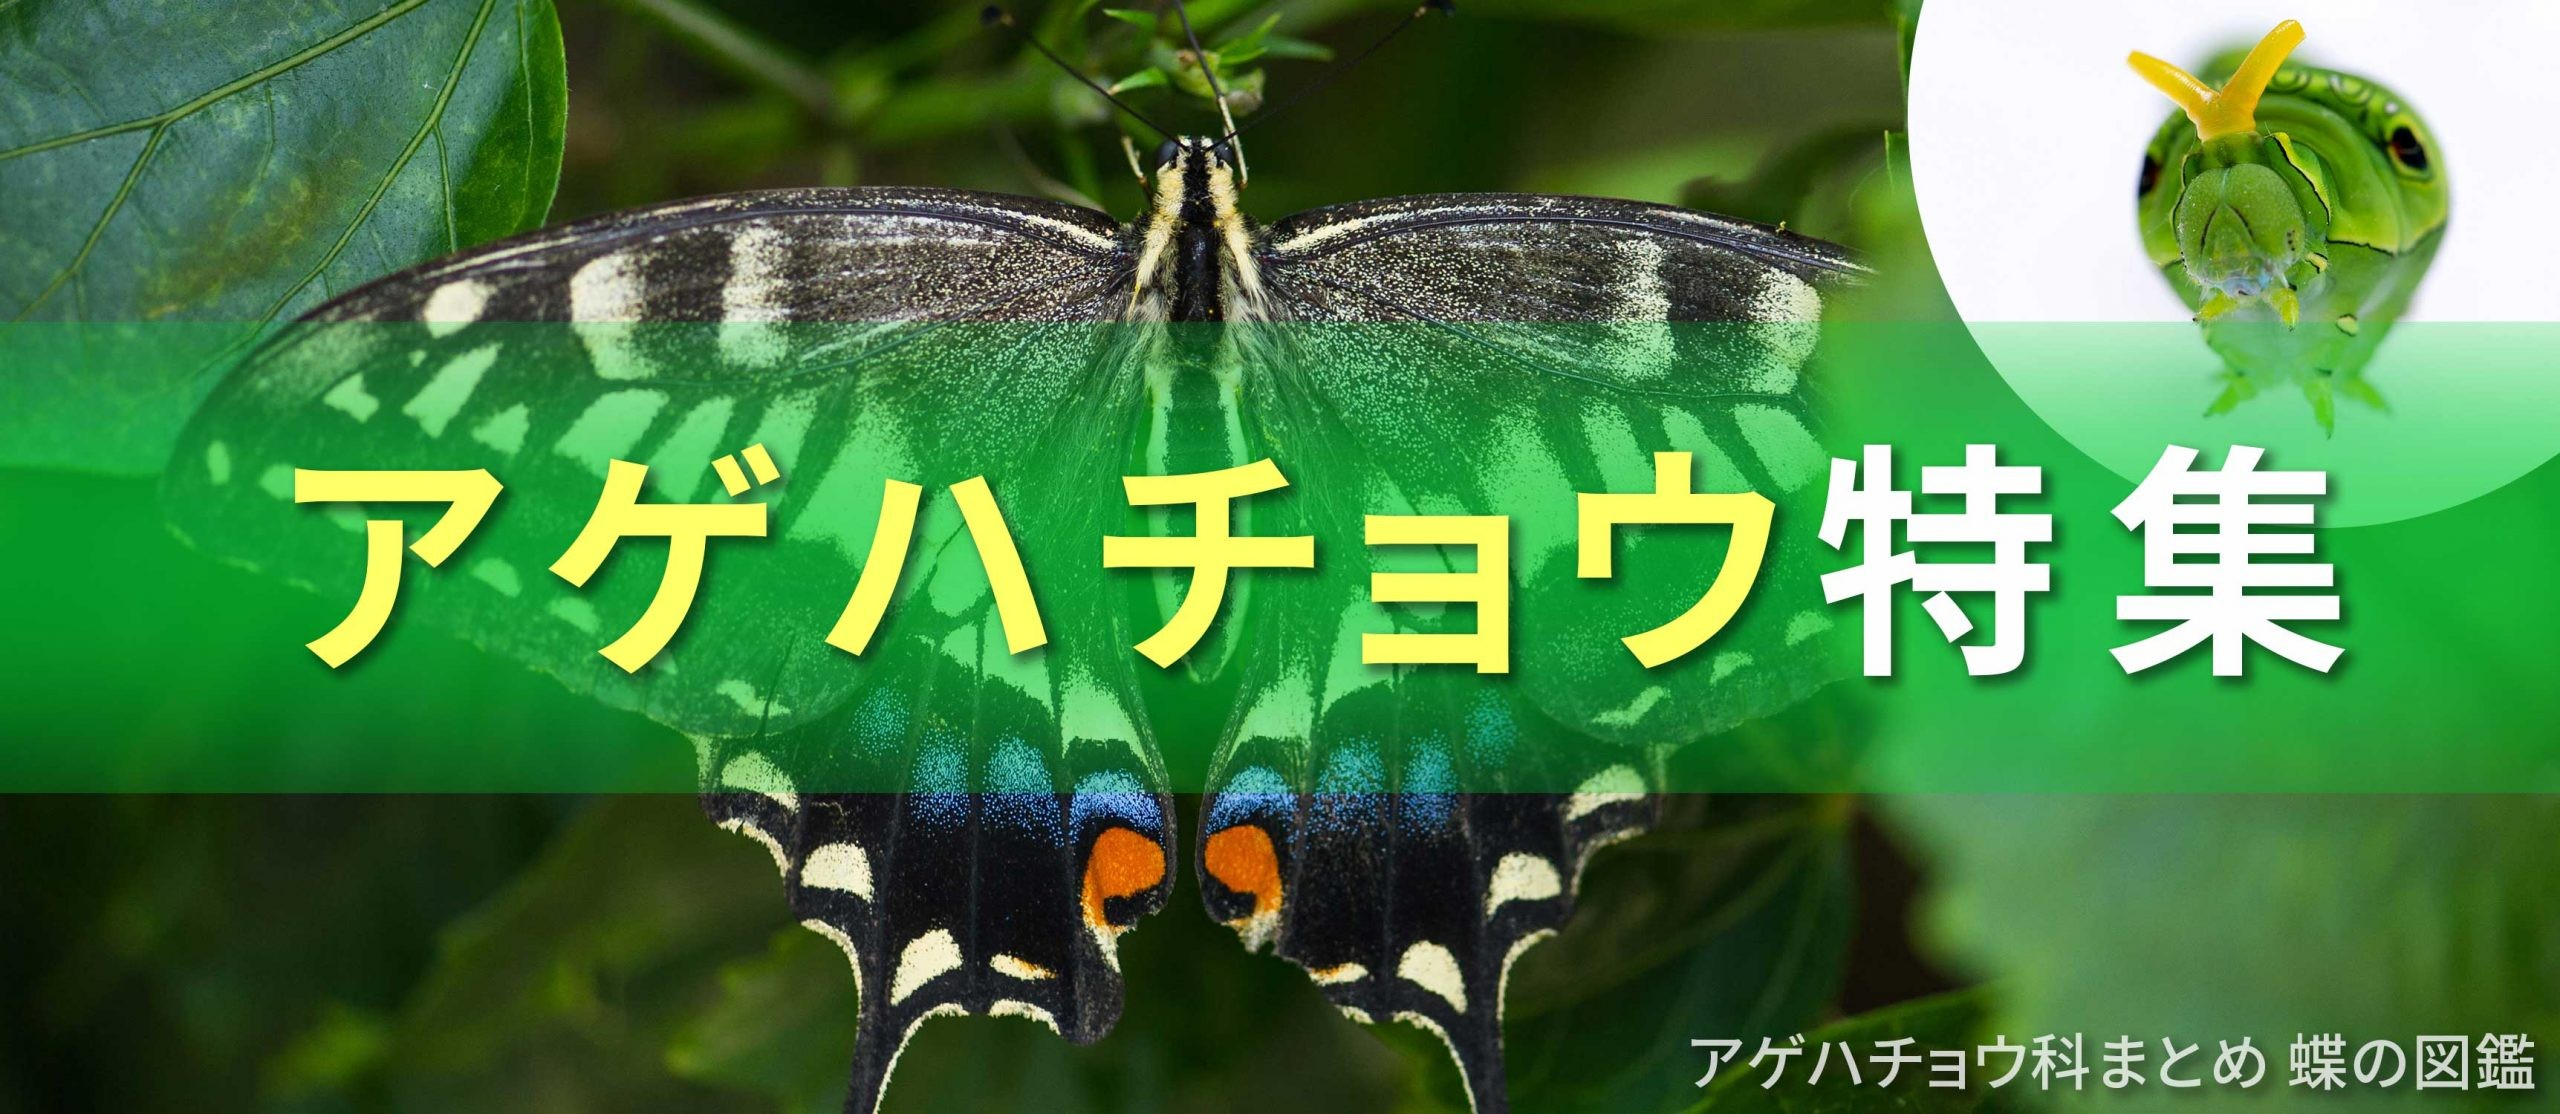 アゲハチョウ特集バナーの画像